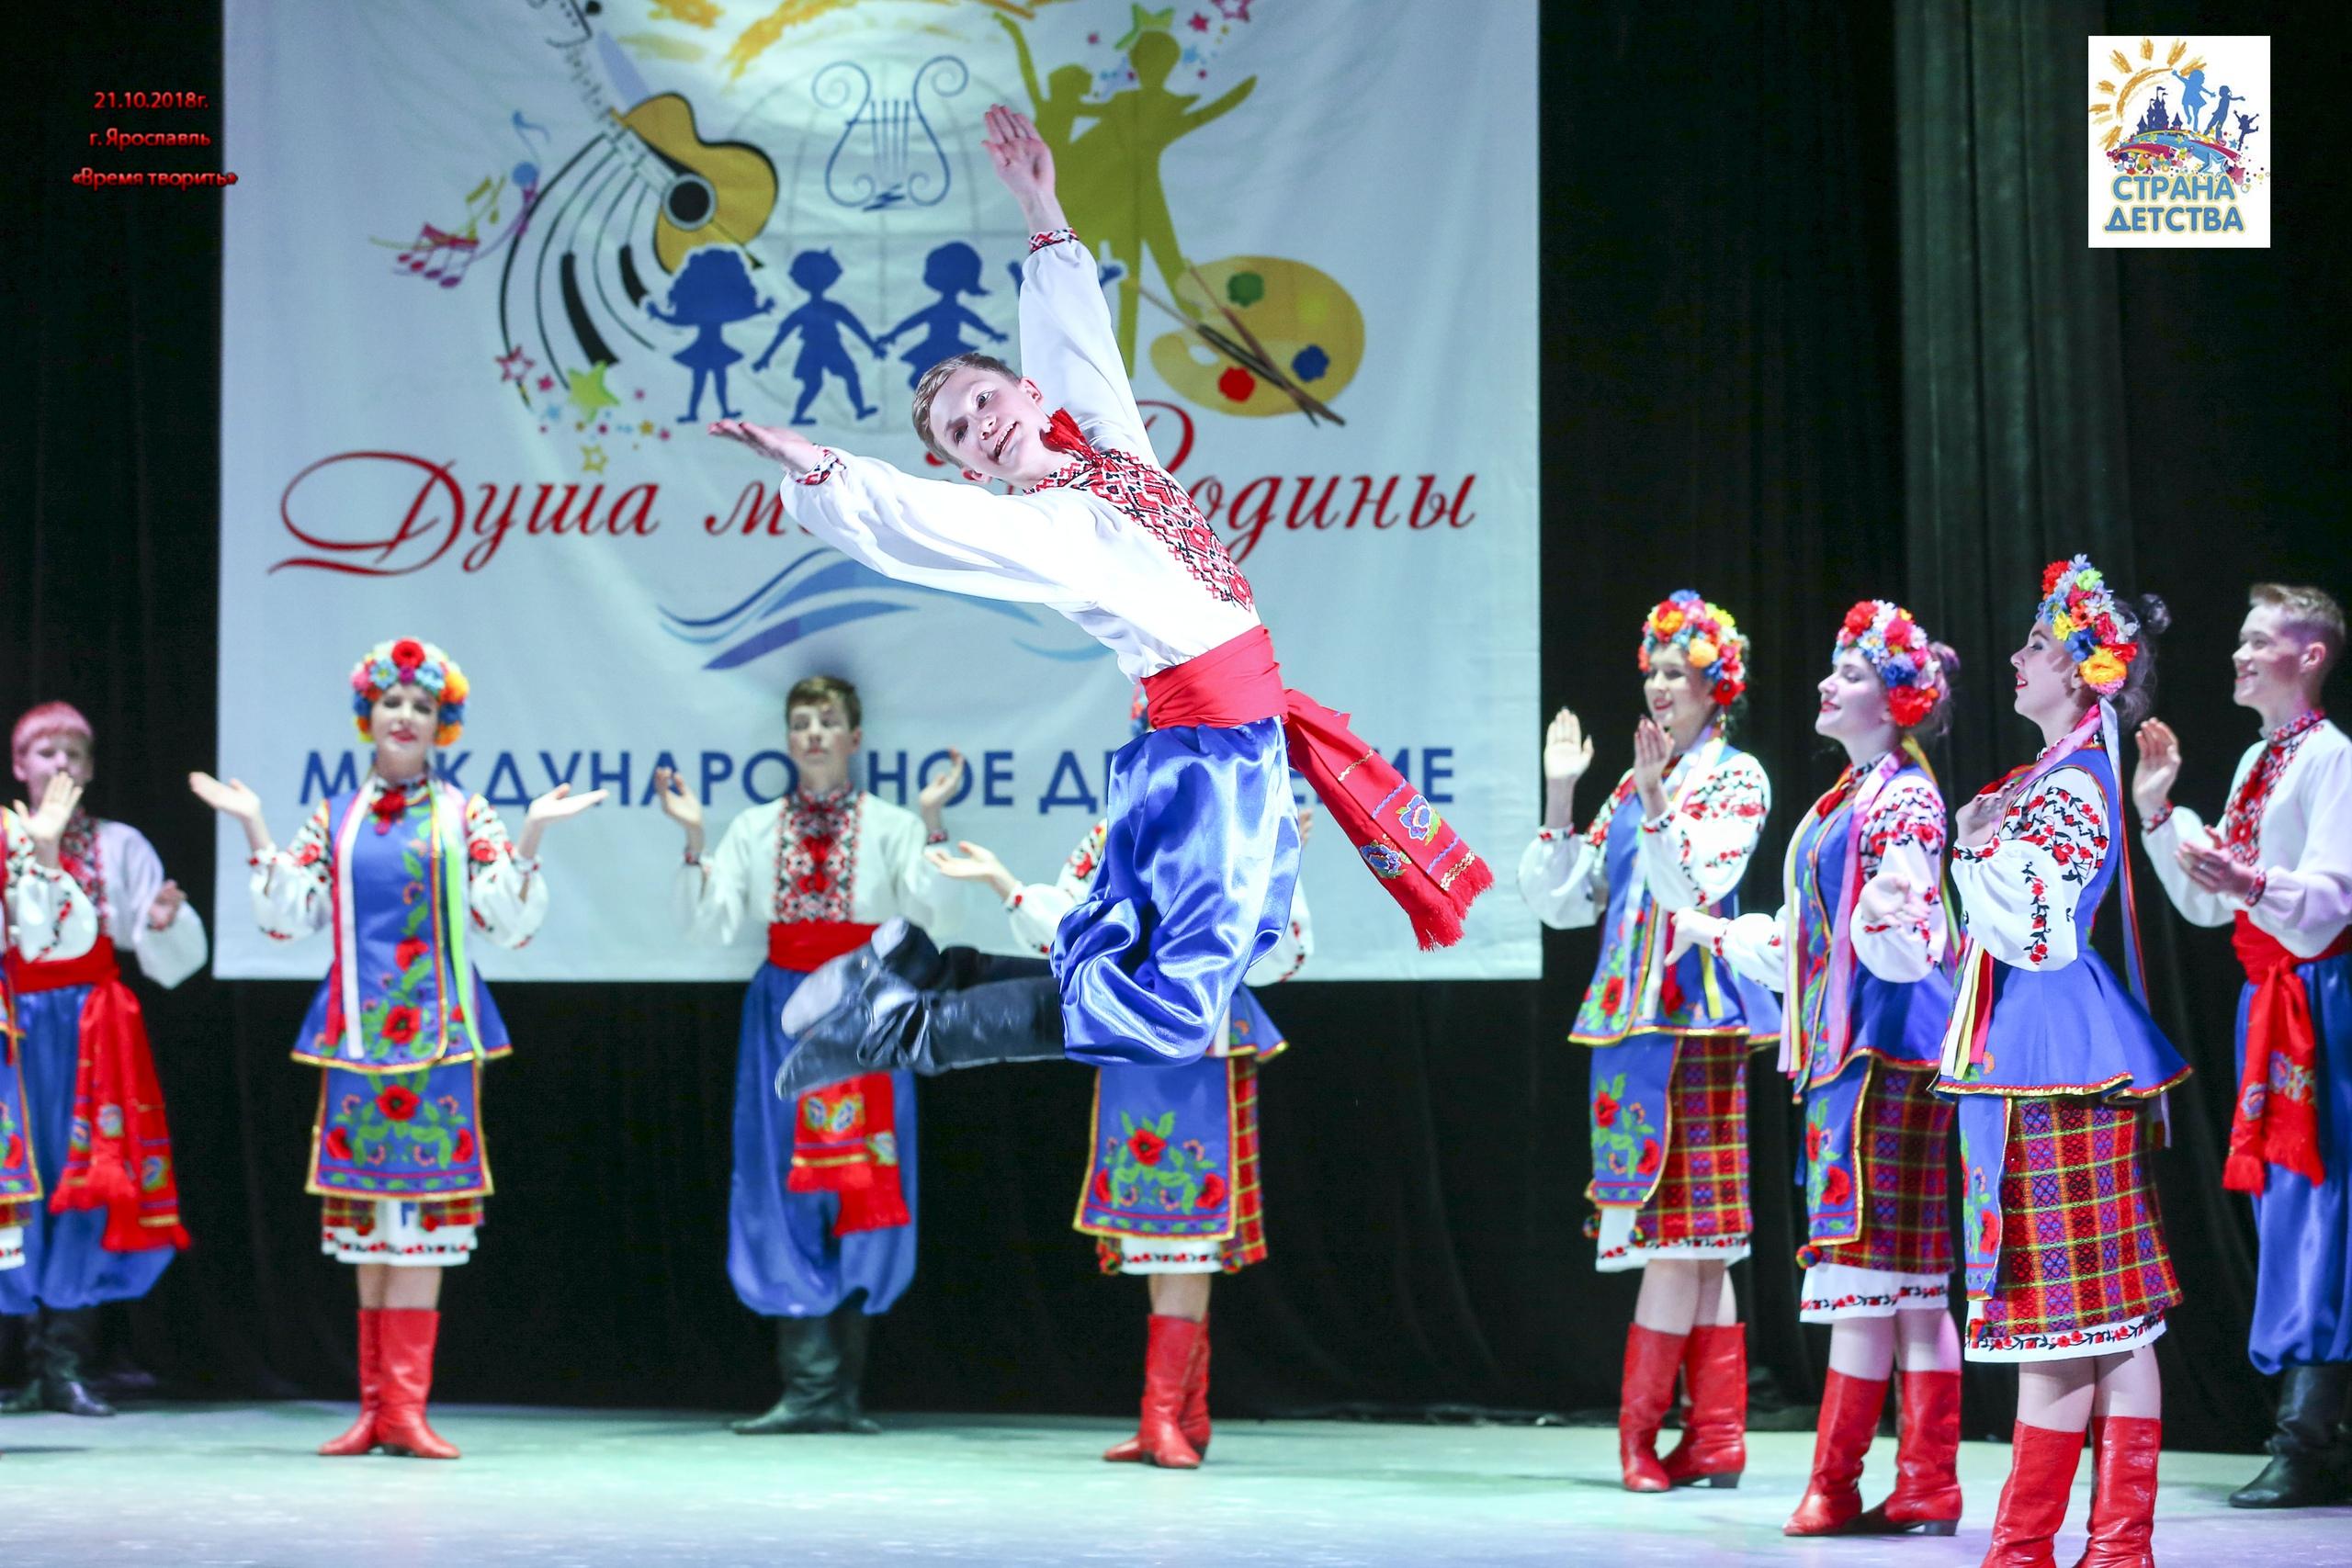 Впервые, в г. Ярославле состоялся I Международный конкурс-фестиваль детского, юношеского и взрослого творчества